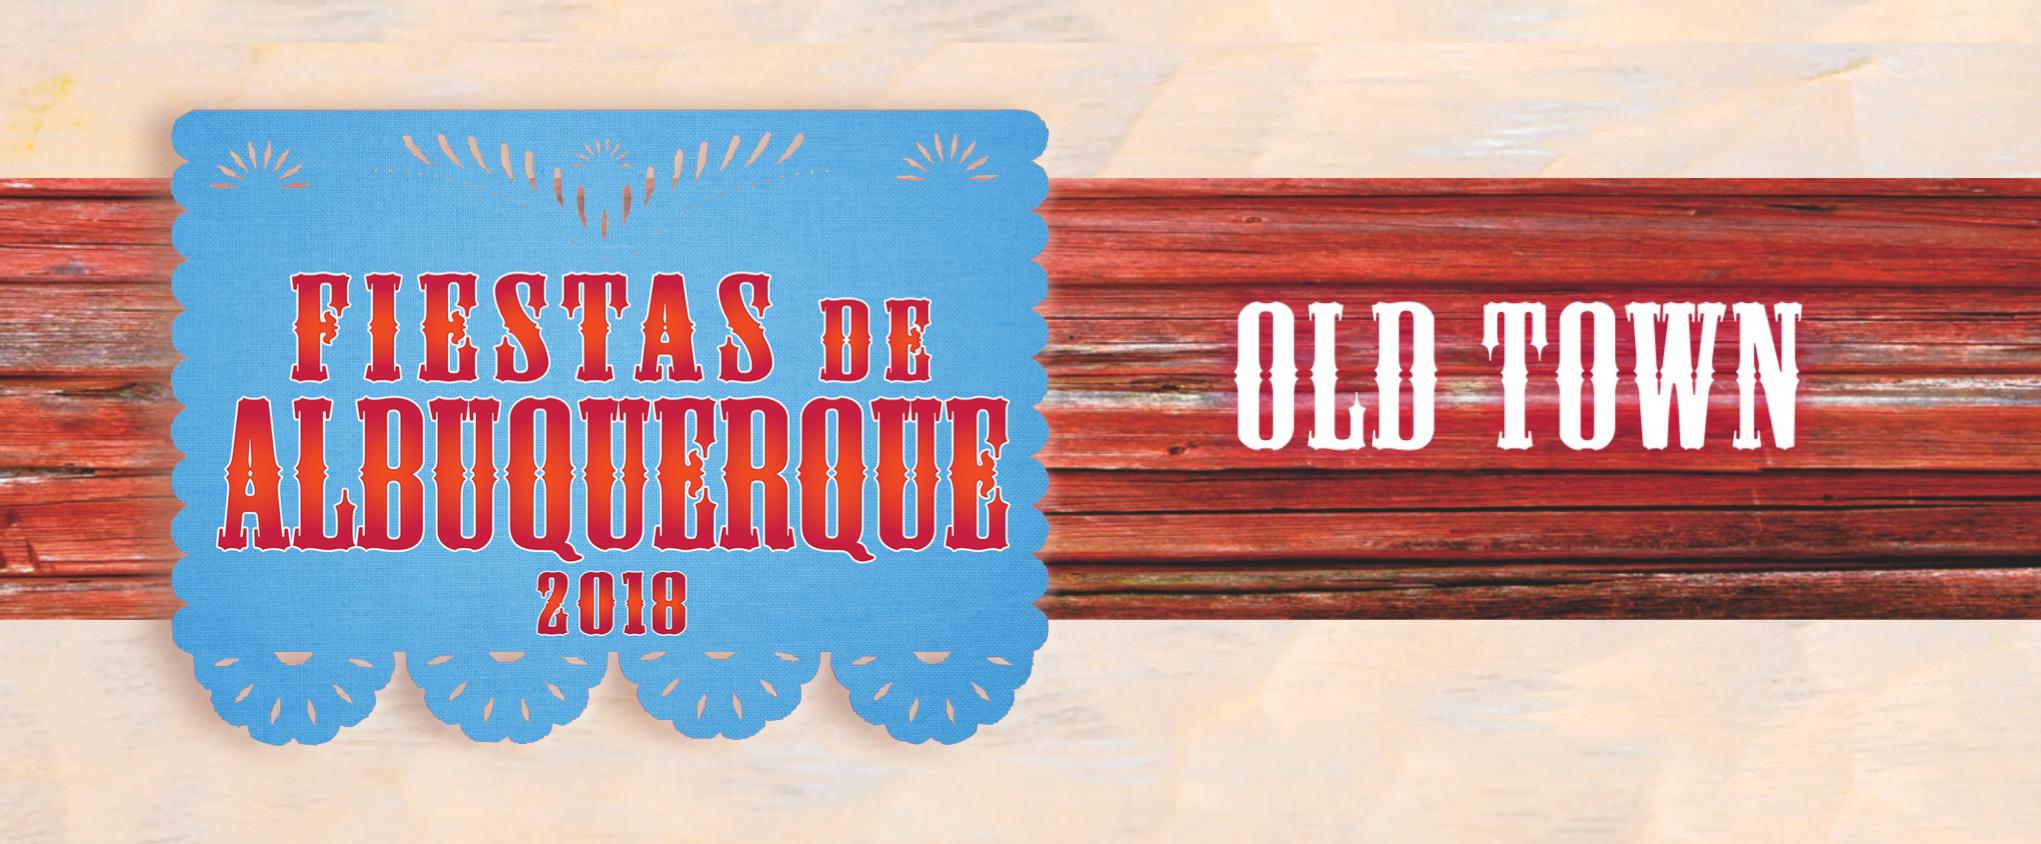 Fiestas de Albuquerque 2018